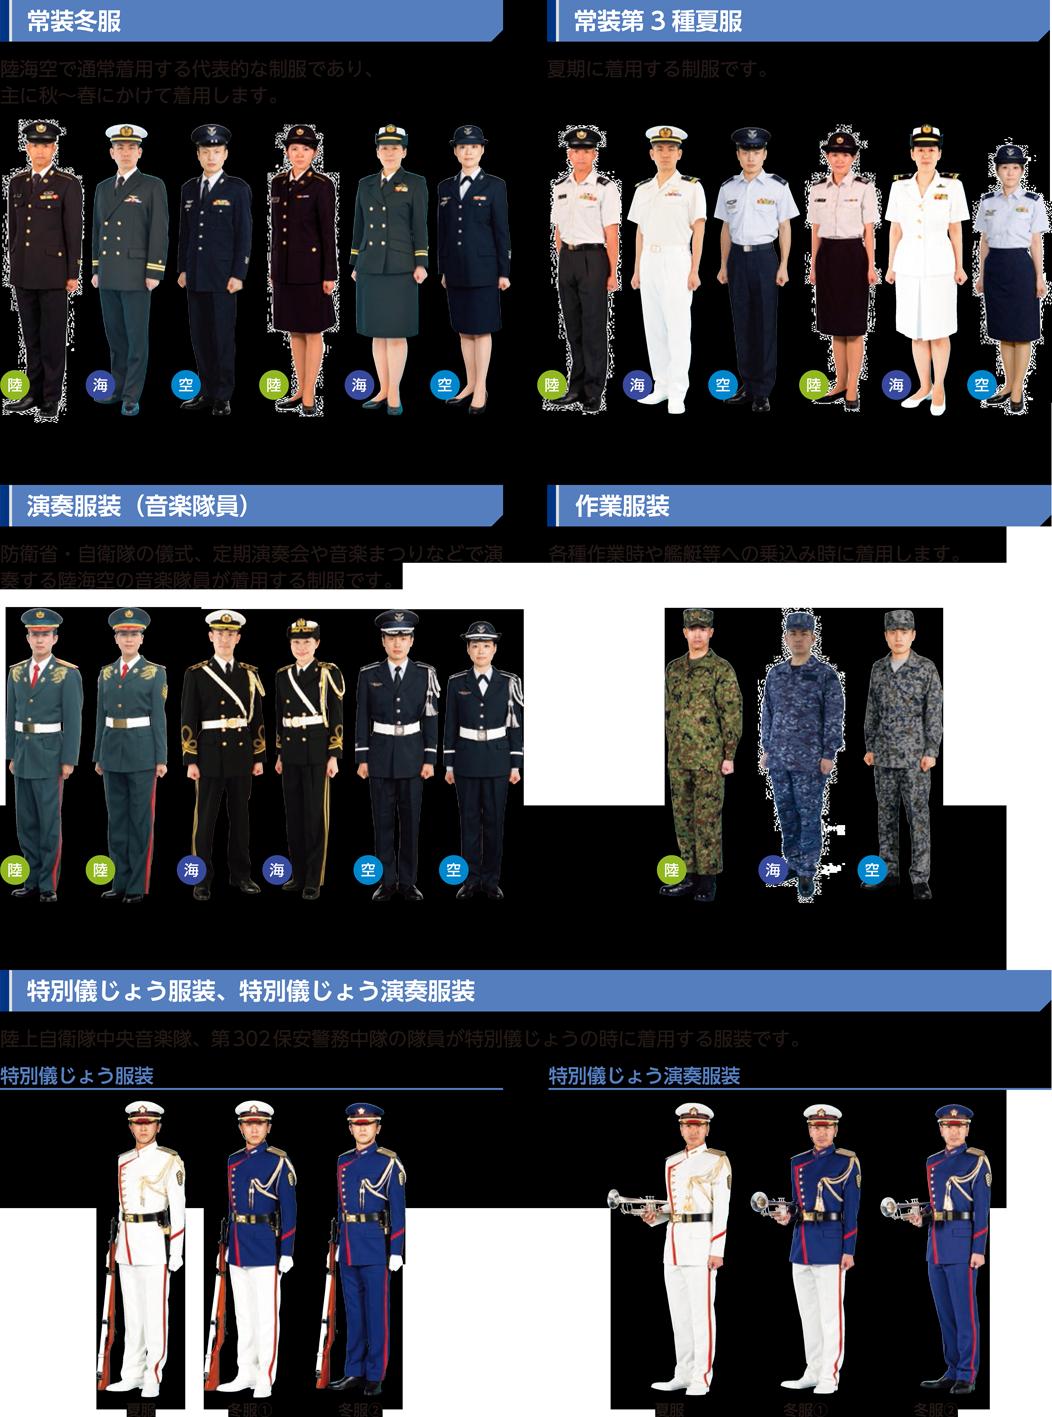 自衛隊 制服 海上